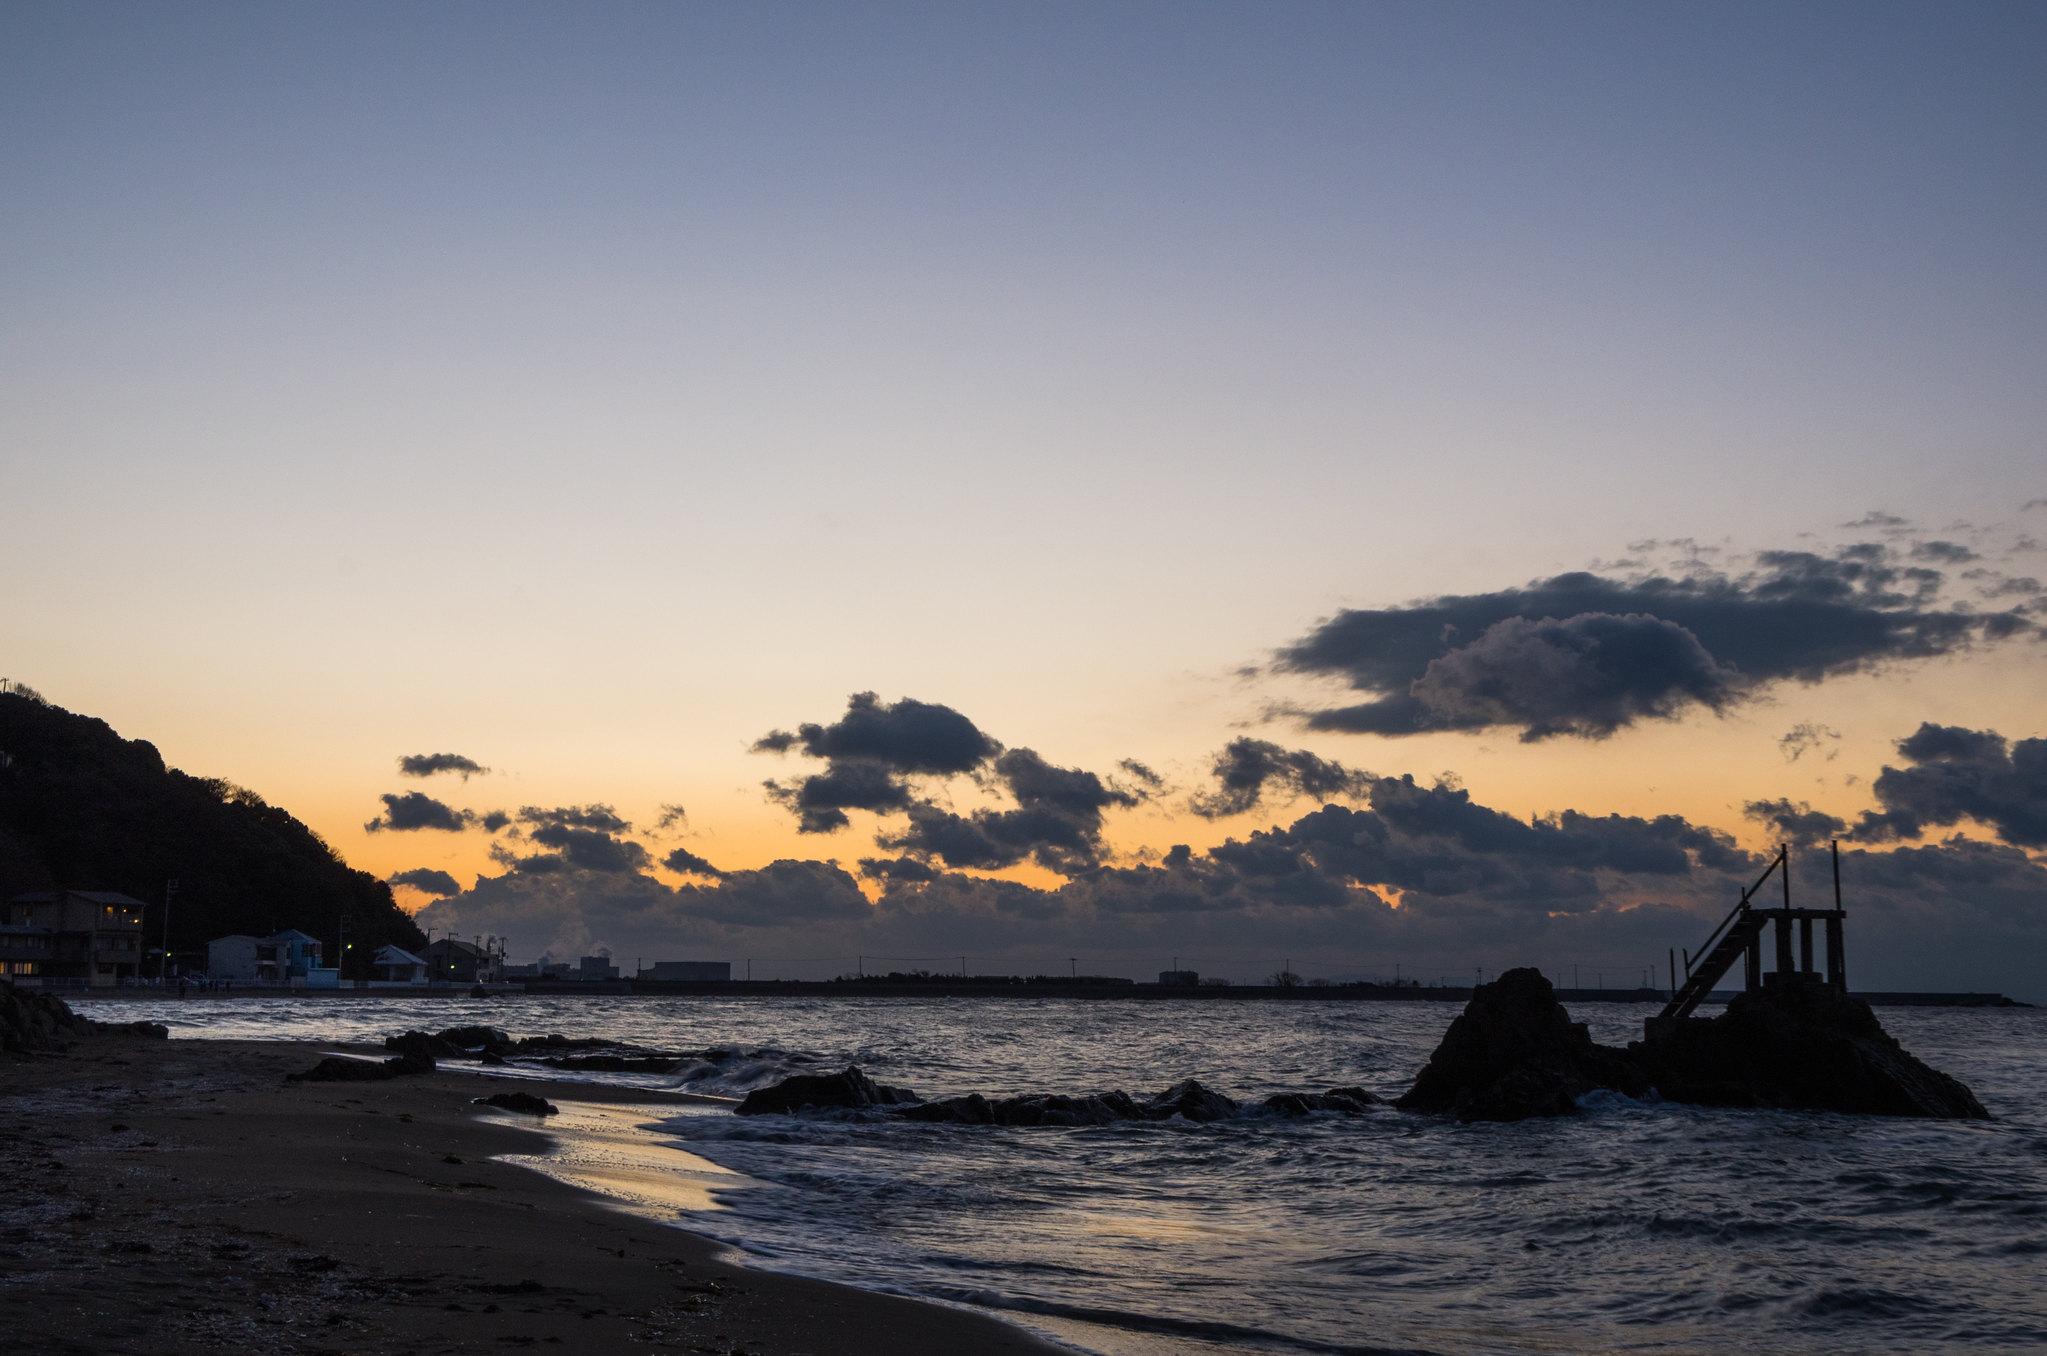 朝焼けの海岸 2015